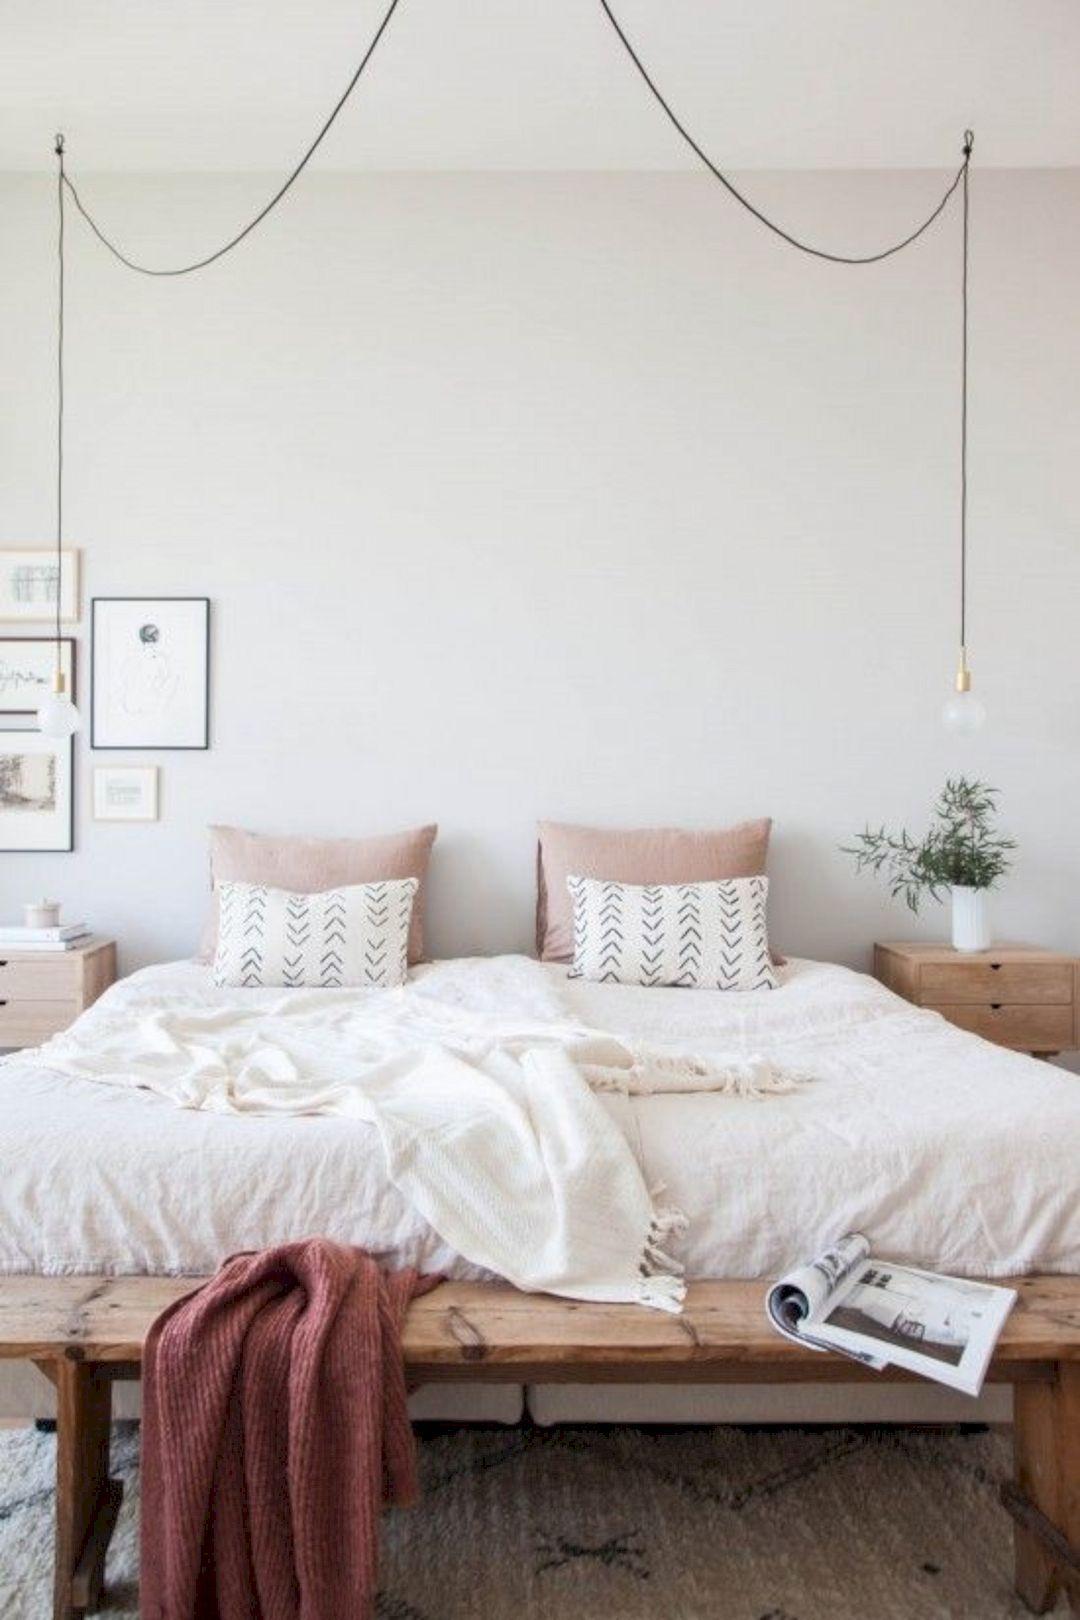 Schon Schlafzimmer Bett, Schlafzimmer Einrichten, Moderne Beleuchtung, Bretter,  Messing Stehleuchte, Stehleuchte Design